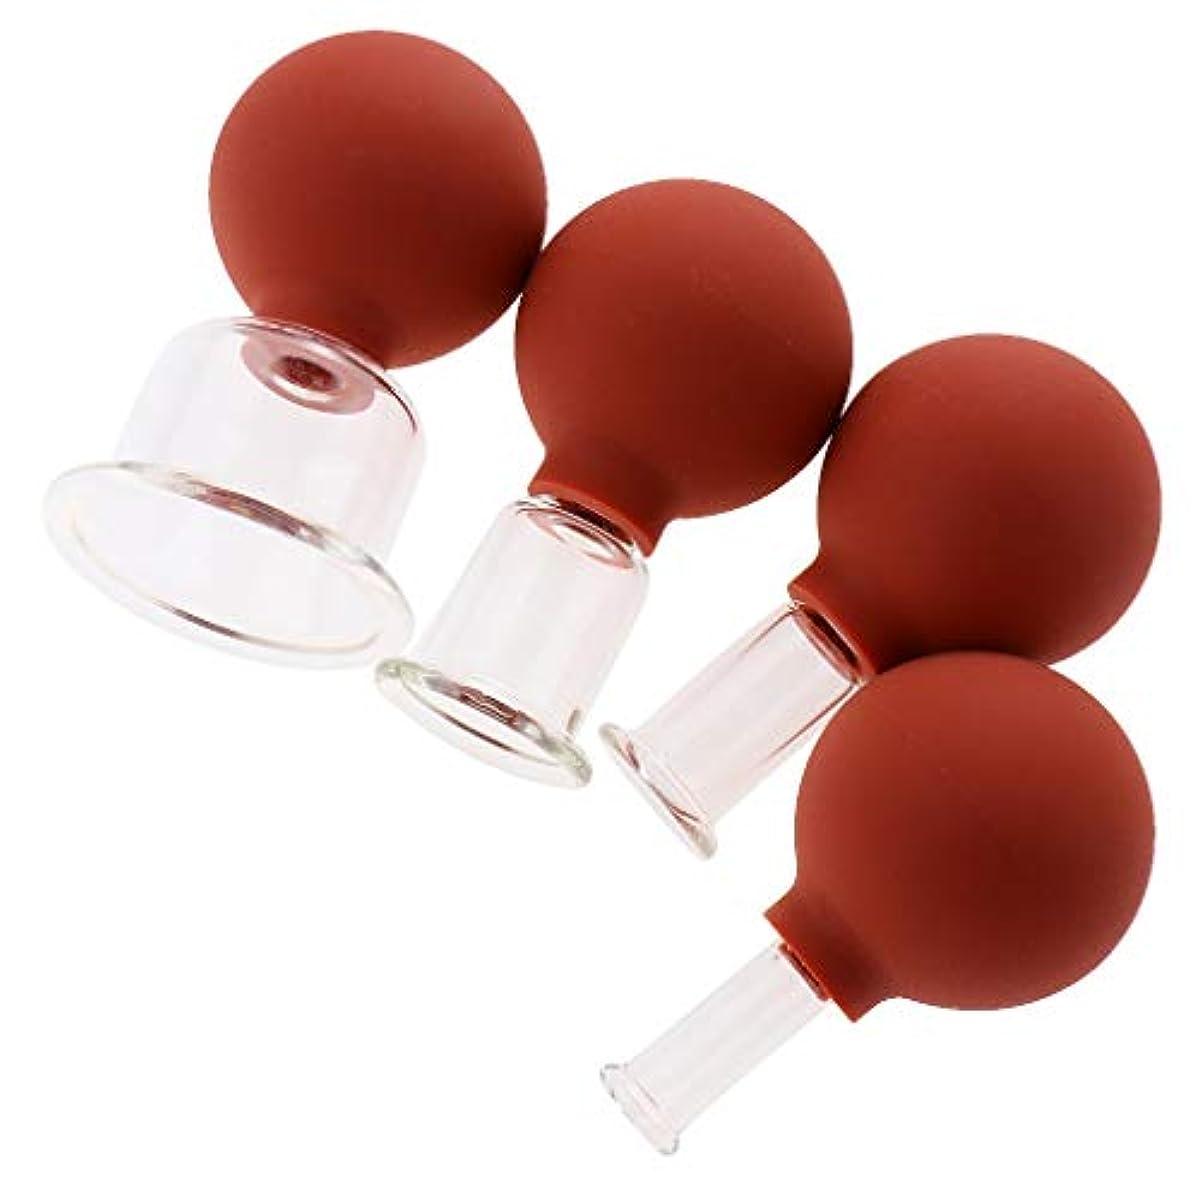 侵入するラテンクライマックスF Fityle マッサージ吸い玉 マッサージカップ ガラスカッピング ゴム 真空 男女兼用 4個 全3色 - 赤茶色